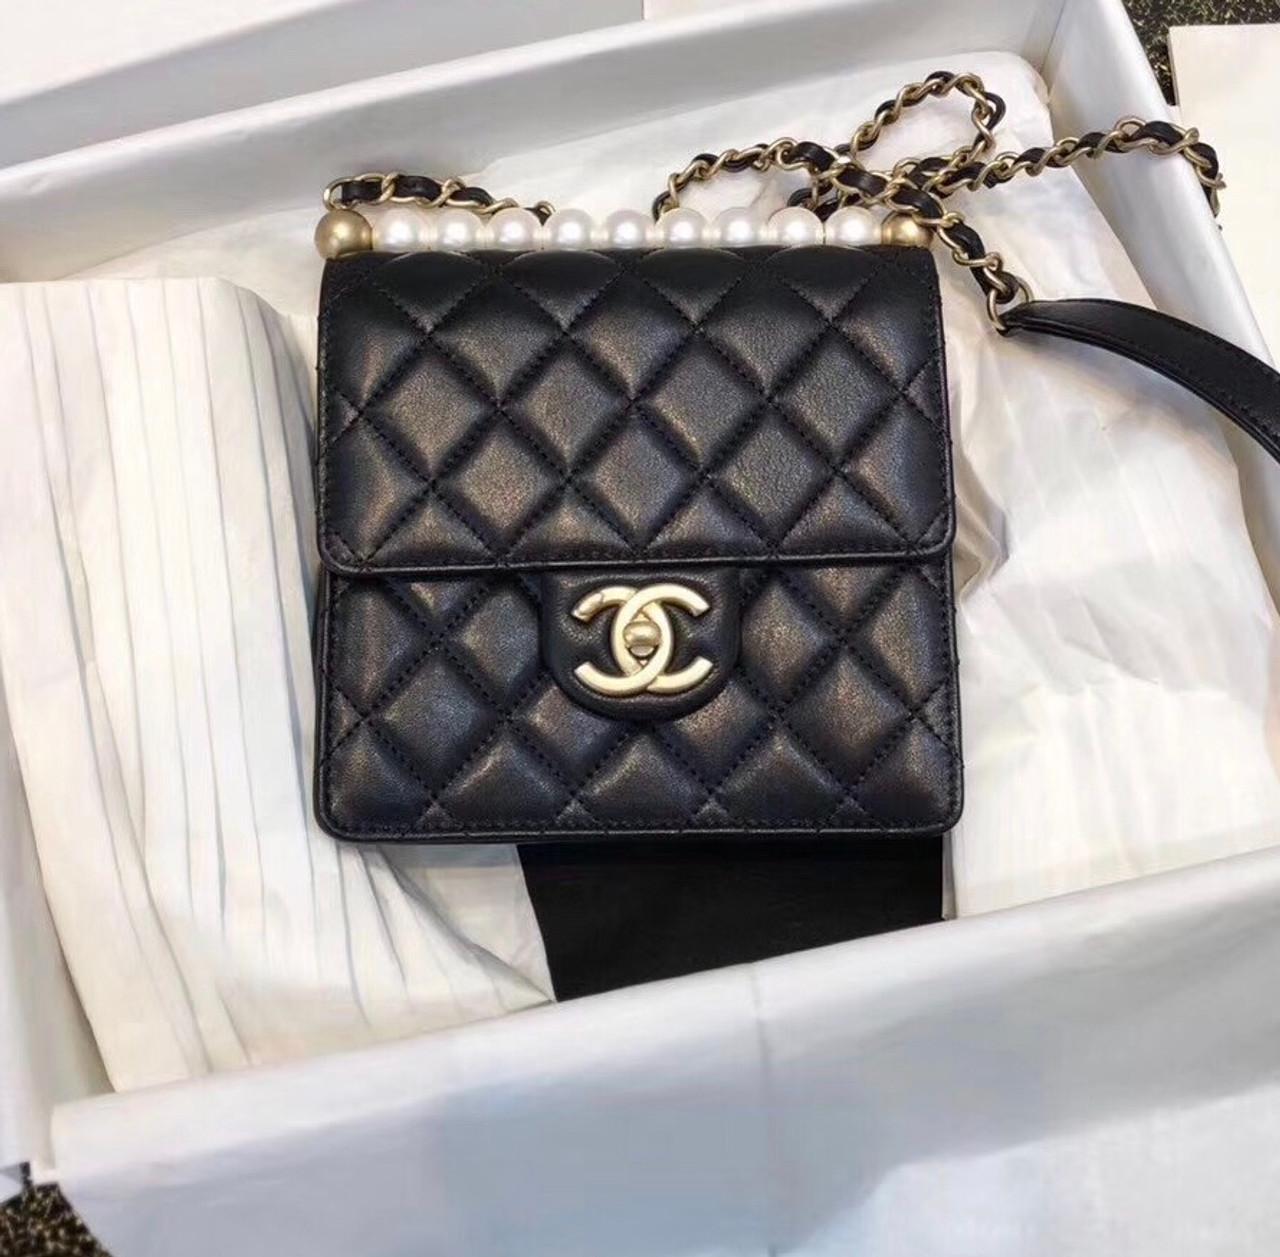 e04cf2c0f7ff5e Chanel Limited Edition Pearl Flap Bag 2019 Black - Bella Vita Moda